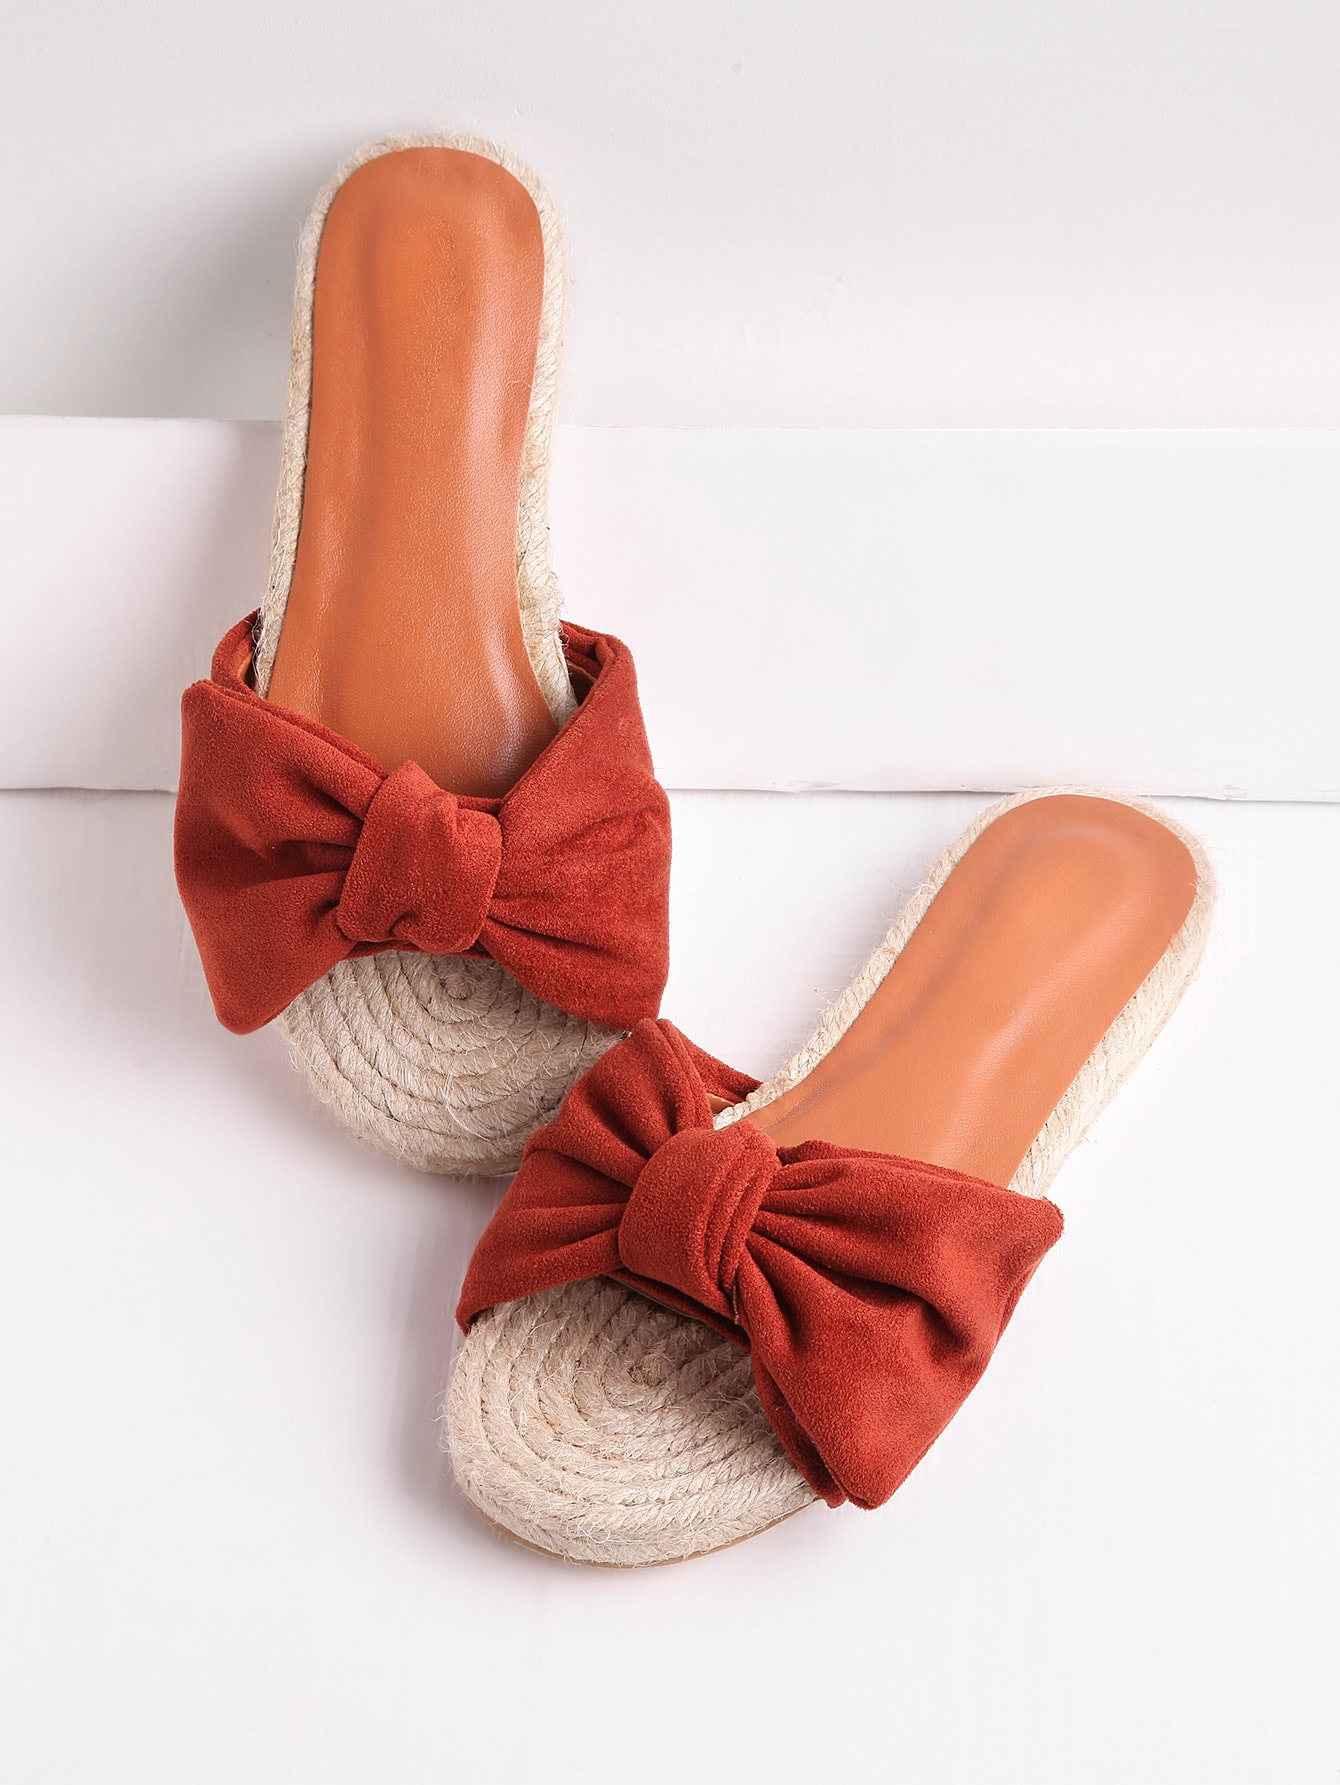 shoes170417803_2